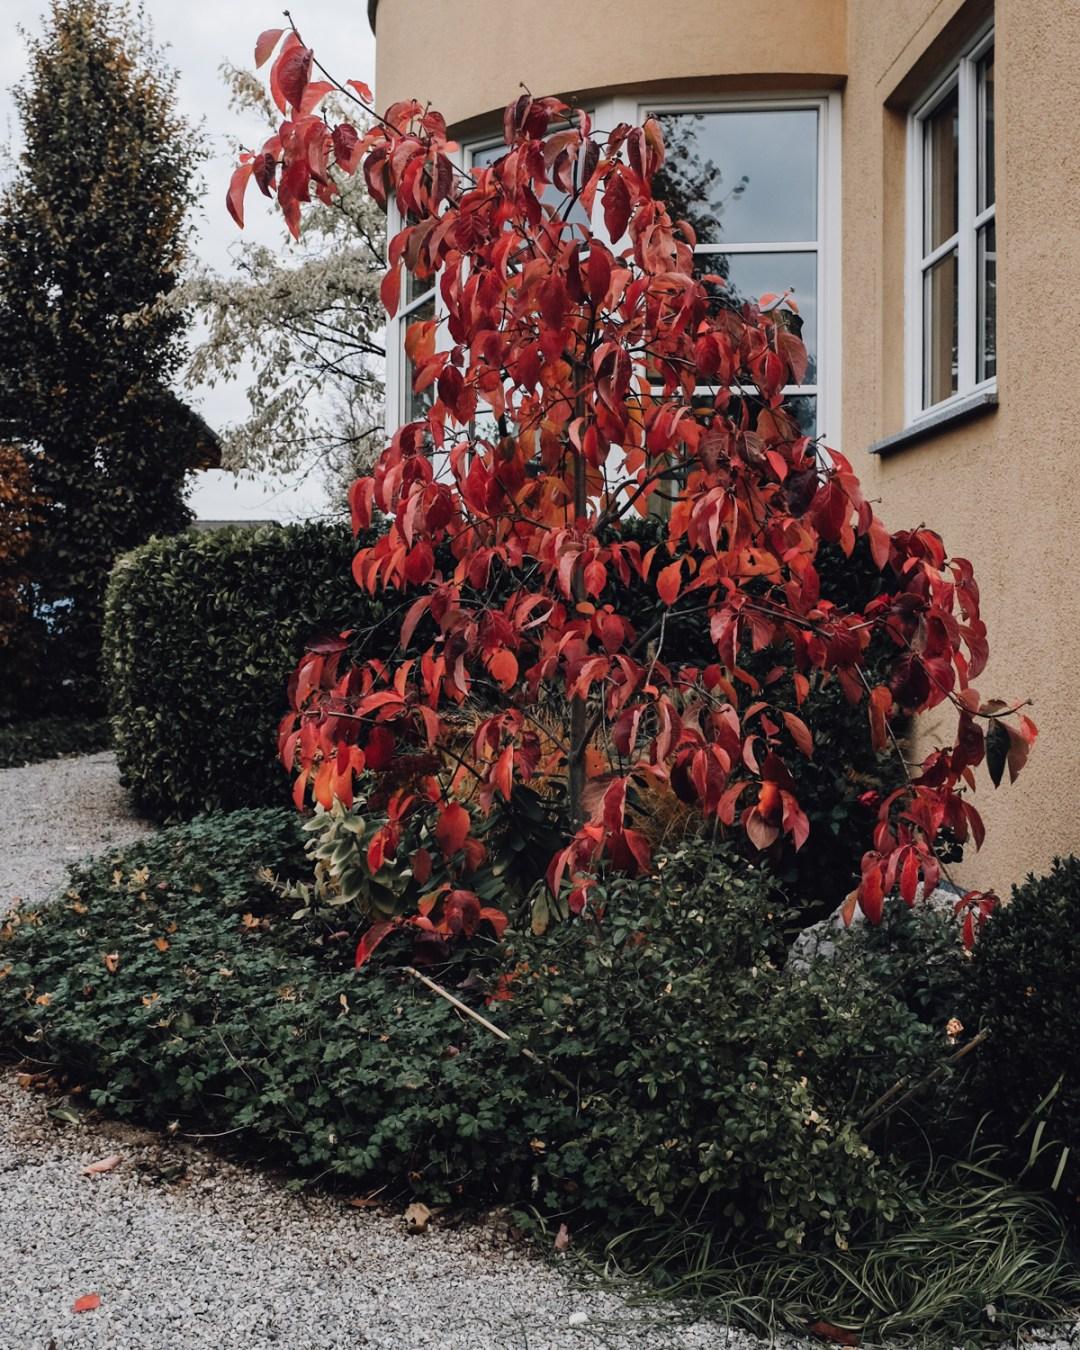 Inastil, Novemberstimmung, Garten, Beleuchtung, ZirbenLüfter, Lampen, Stimmungslicht, Interieur, Herbststimmung,_-2